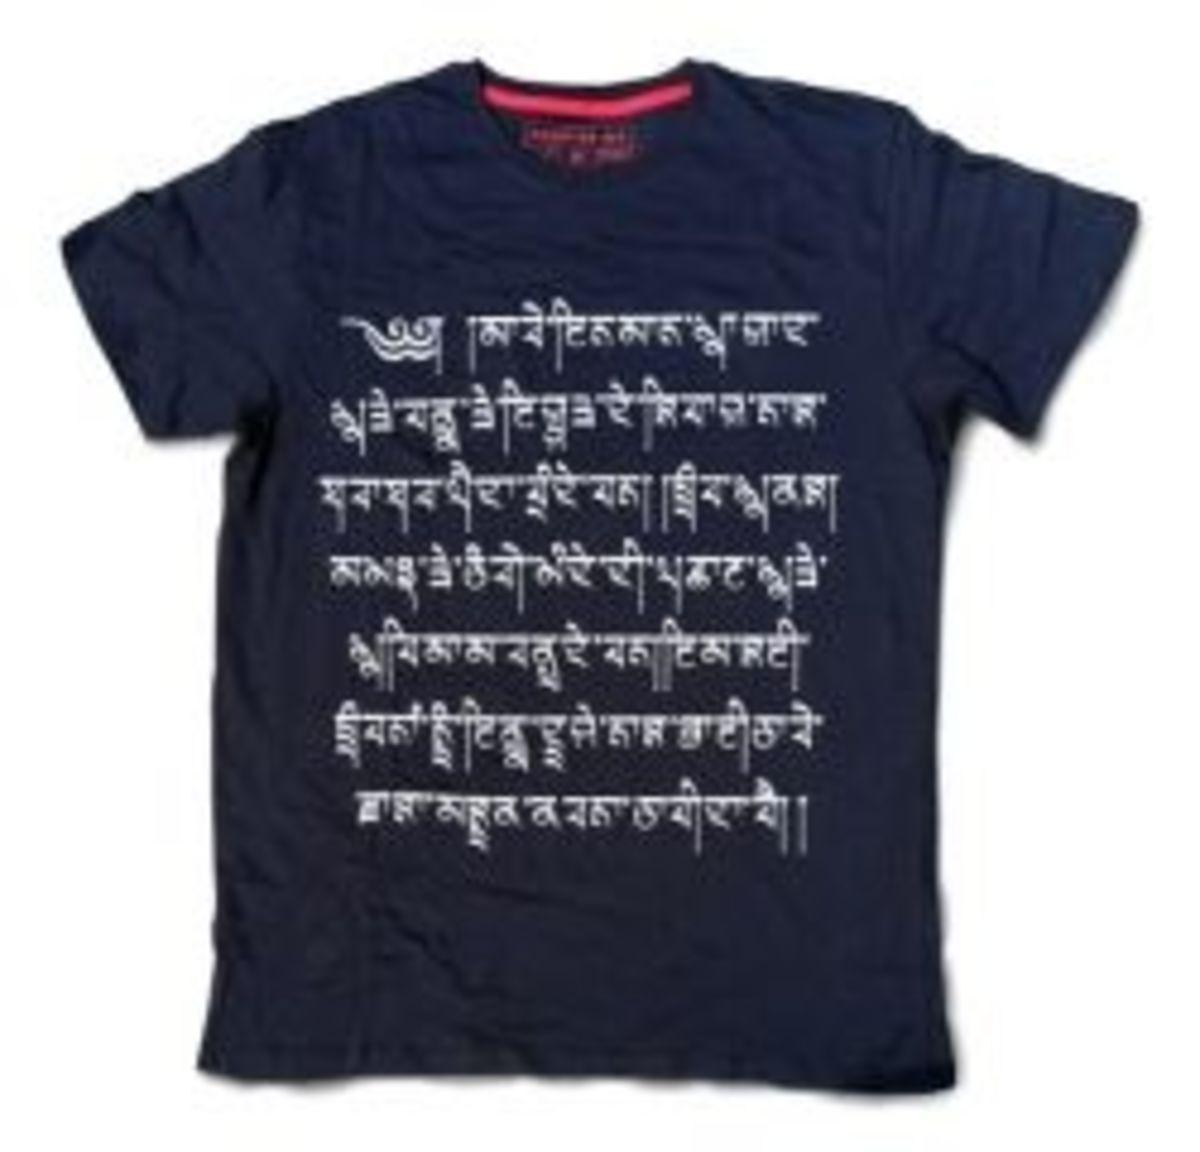 Thseg tee-shirt